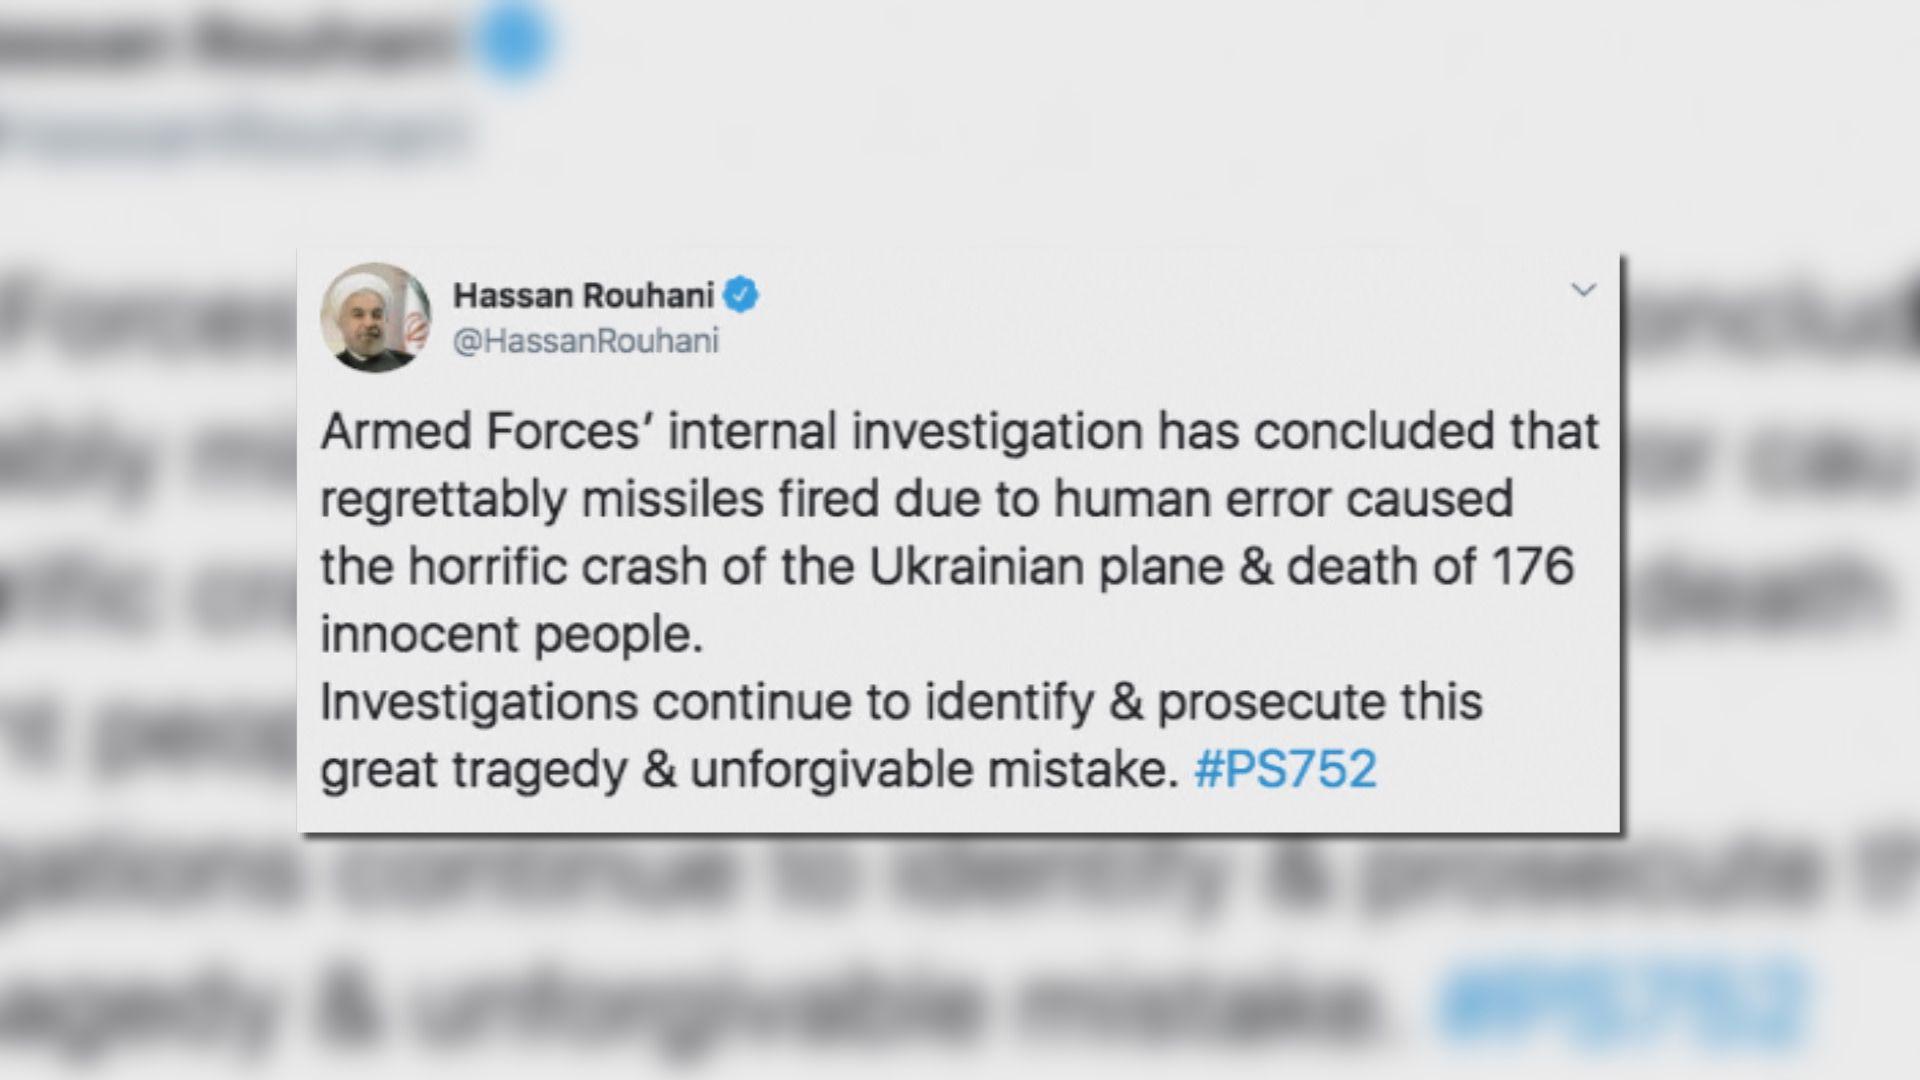 伊朗承認人為錯誤以短程導彈擊落烏克蘭客機